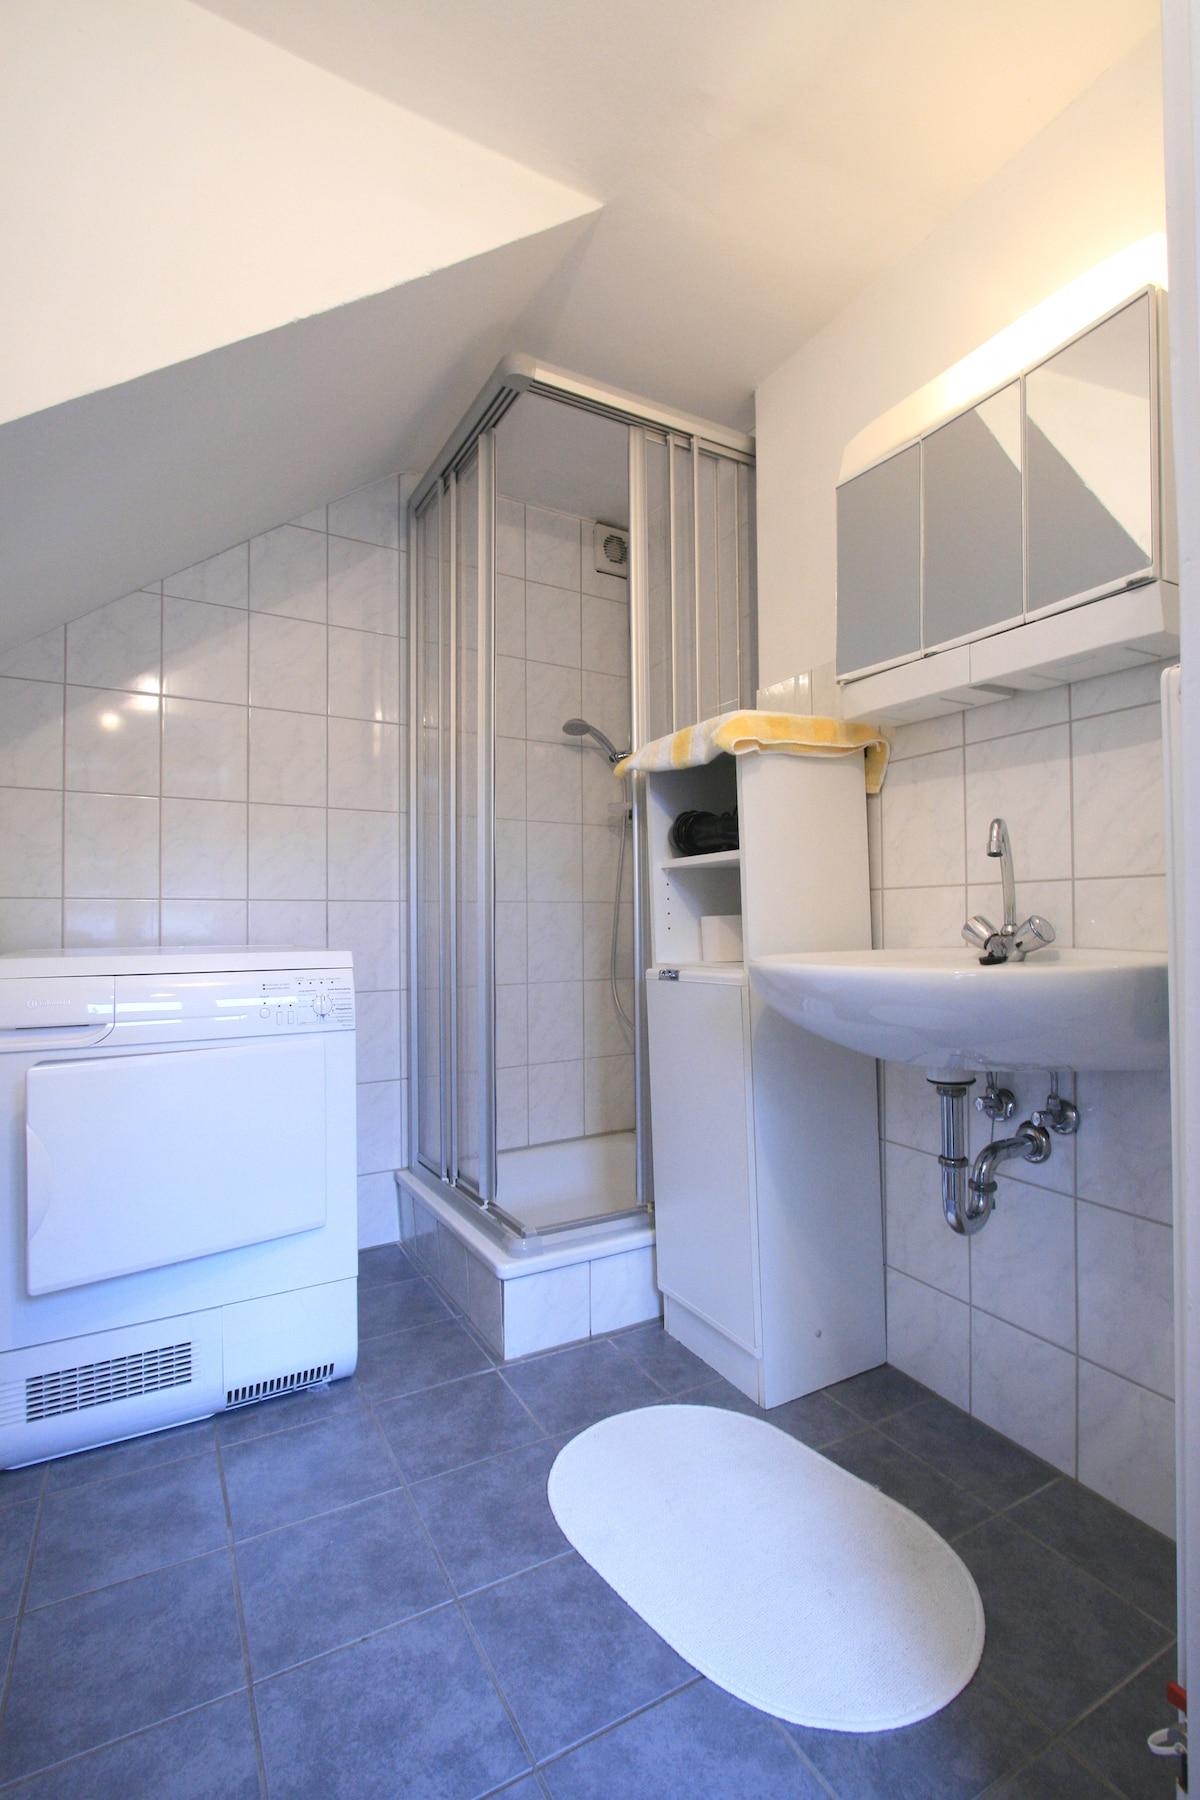 Badezimmer mit Waschmaschine und Trockner - bathroom with washing-machine and dryer